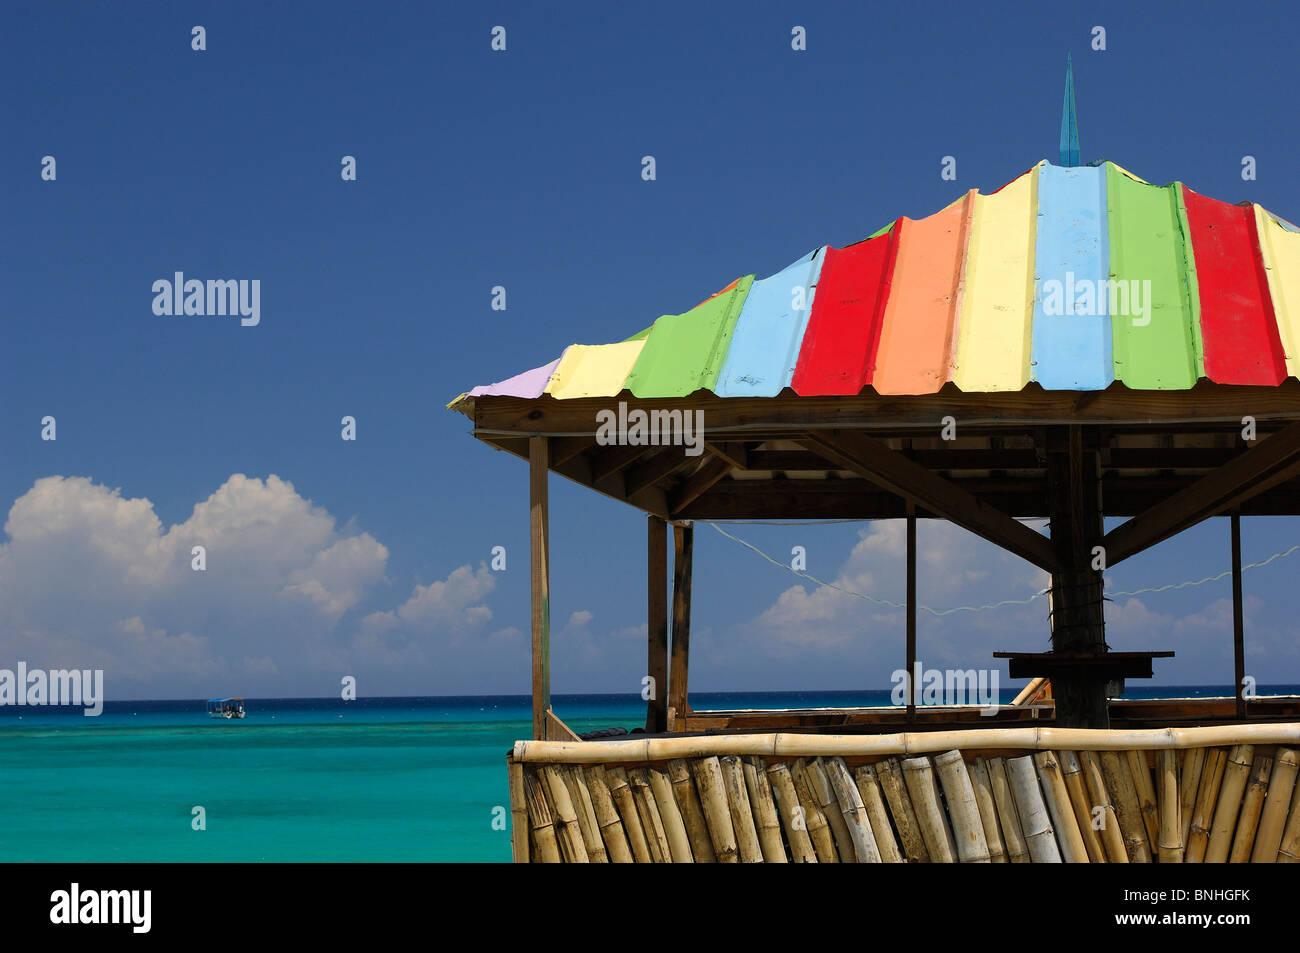 Caraibi Runaway Bay Giamaica costa del mare oceano Shore colorato ombra ombrellone in spiaggia turismo Immagini Stock